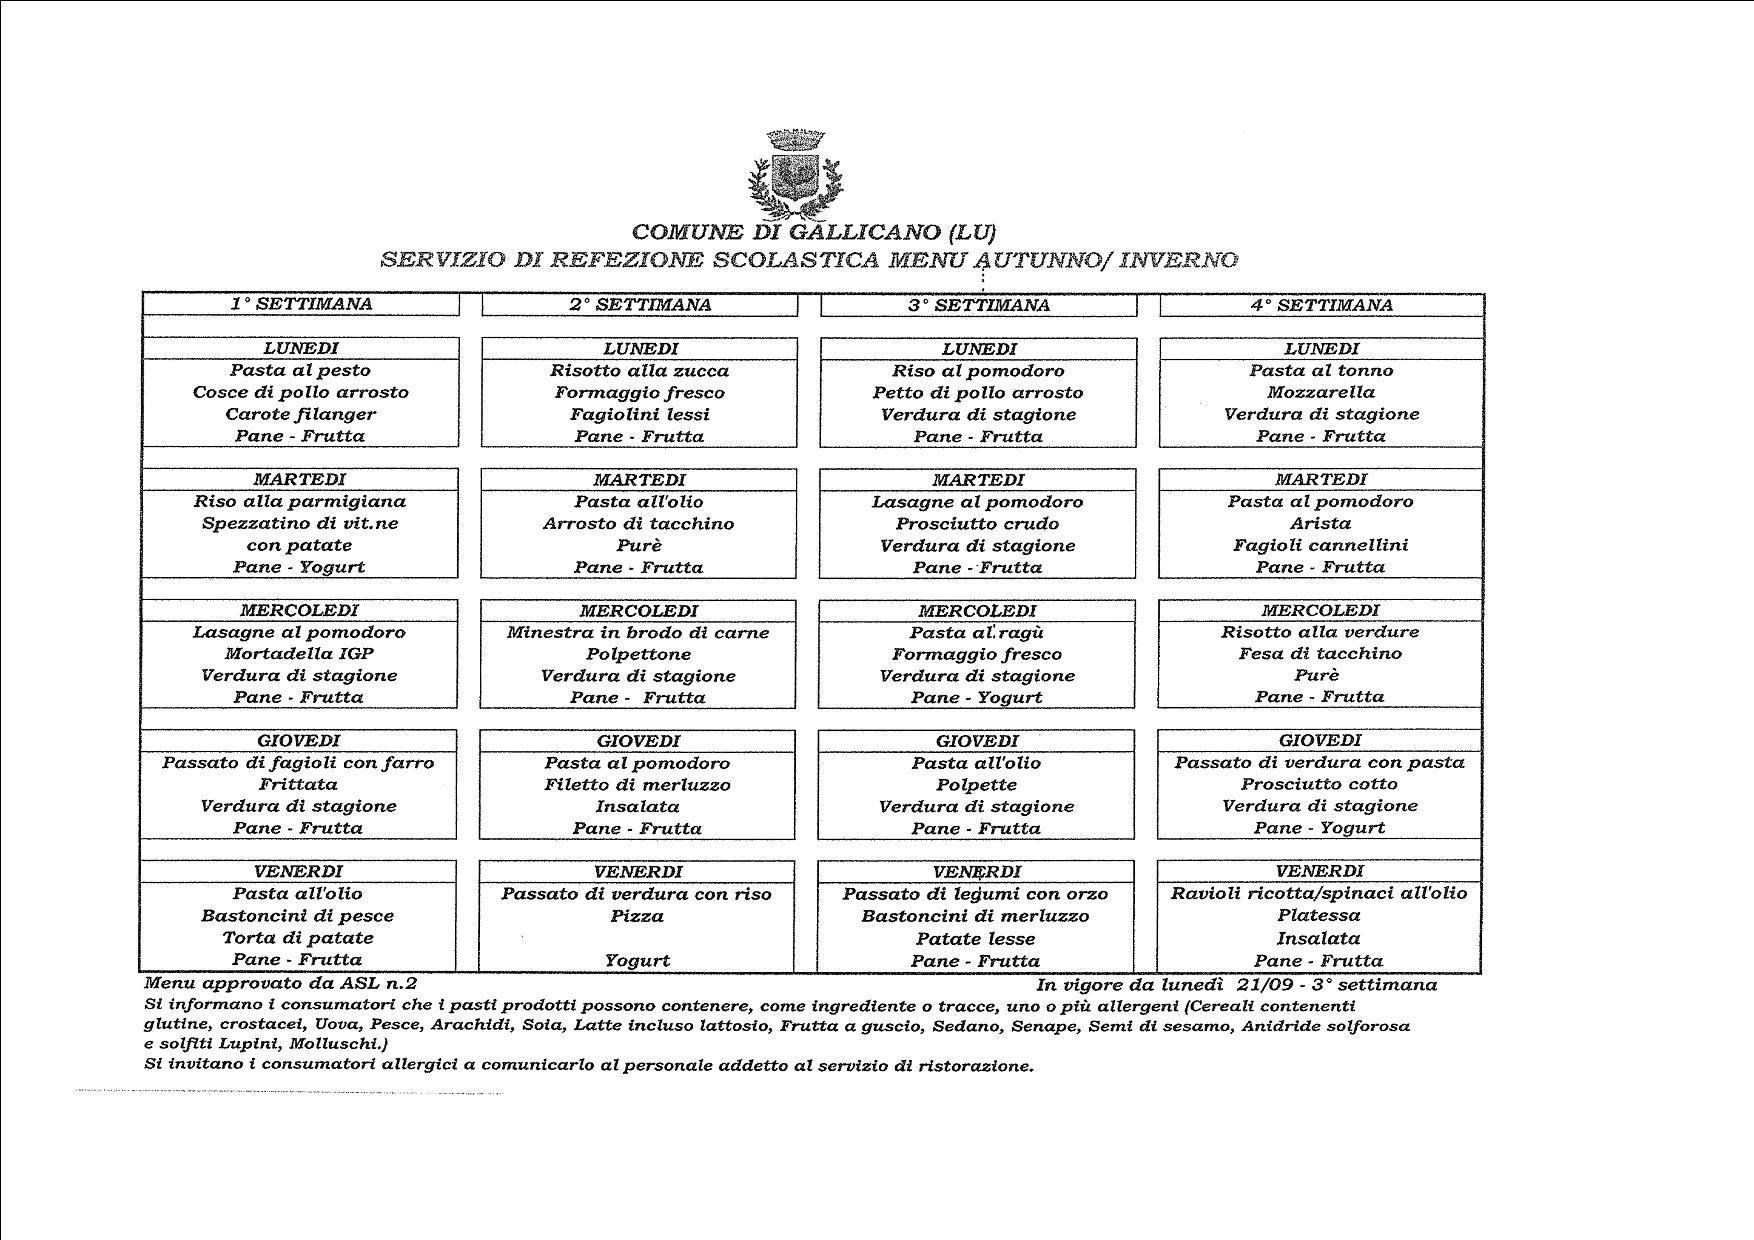 comune di verona refezione scolastica menu